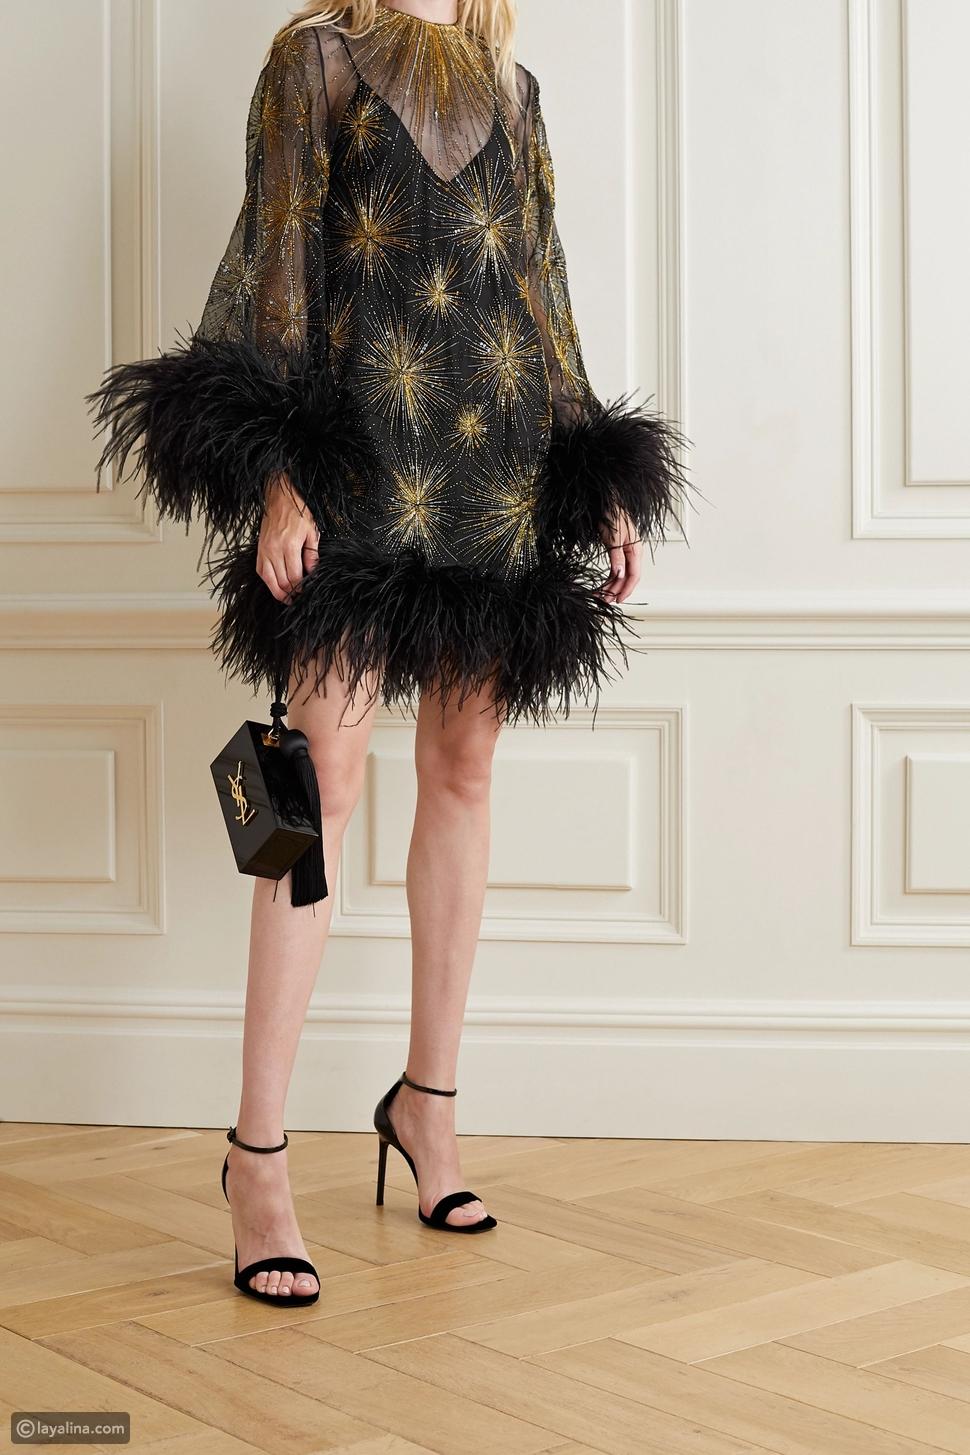 فستان قصير مطرز بالريش من الحرير والأورجانزا منSaint Laurent